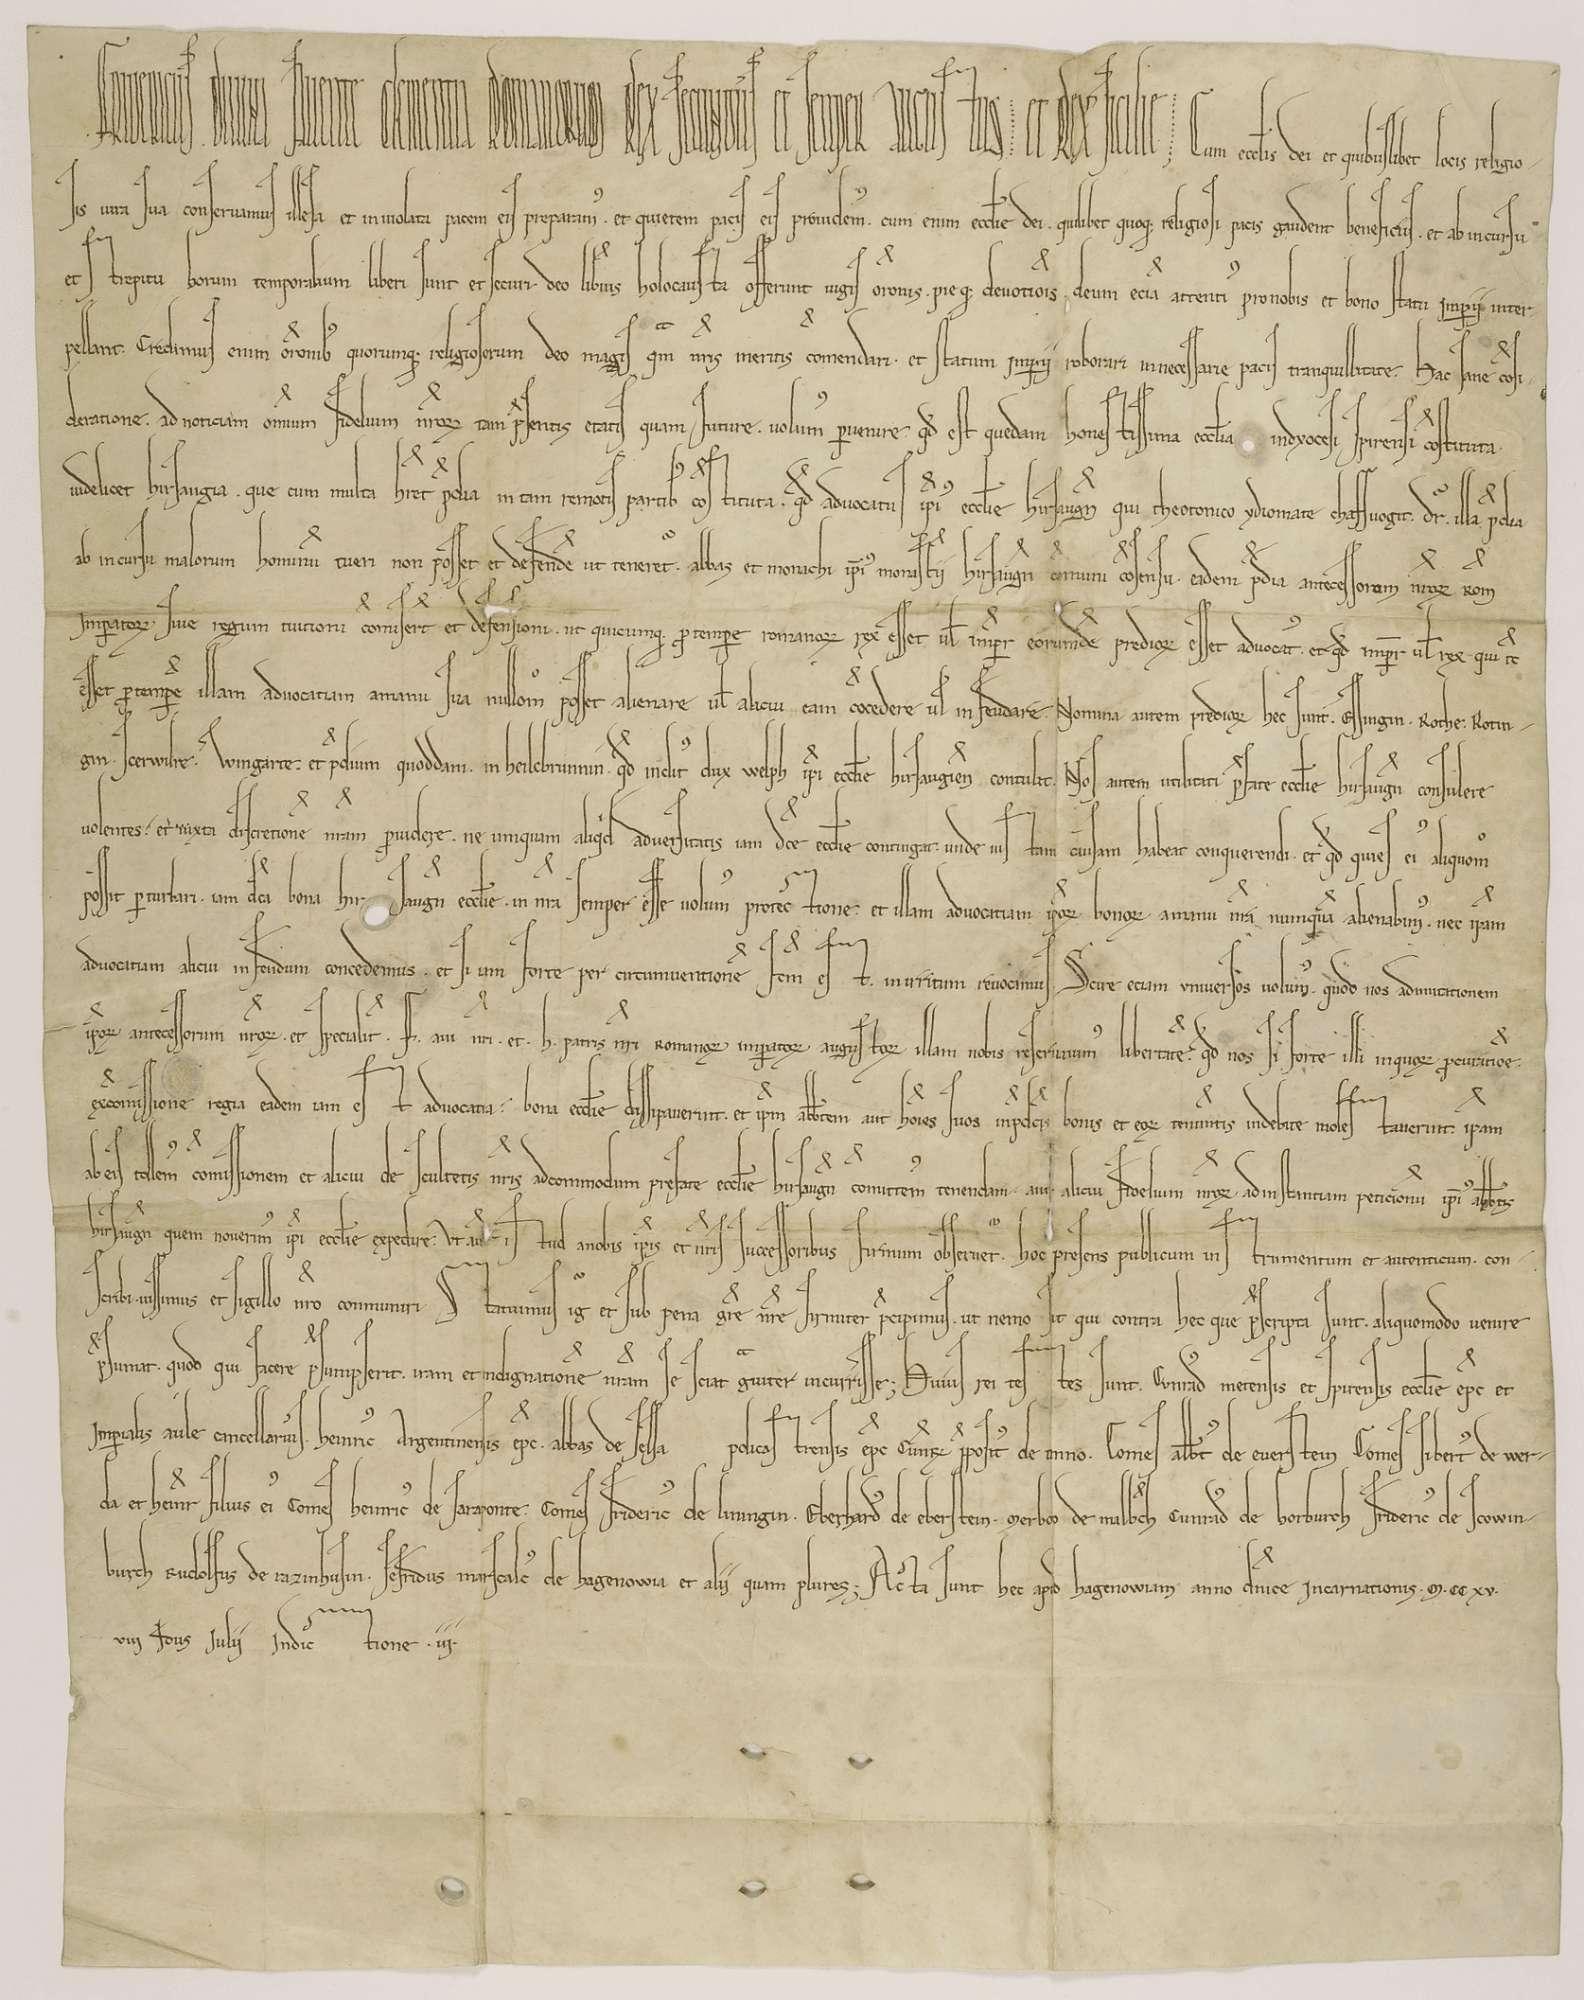 König Friedrich II. übernimmt die Vogtei des Klosters Hirsau an mehreren in der Urkunde genannten Orten., Bild 1